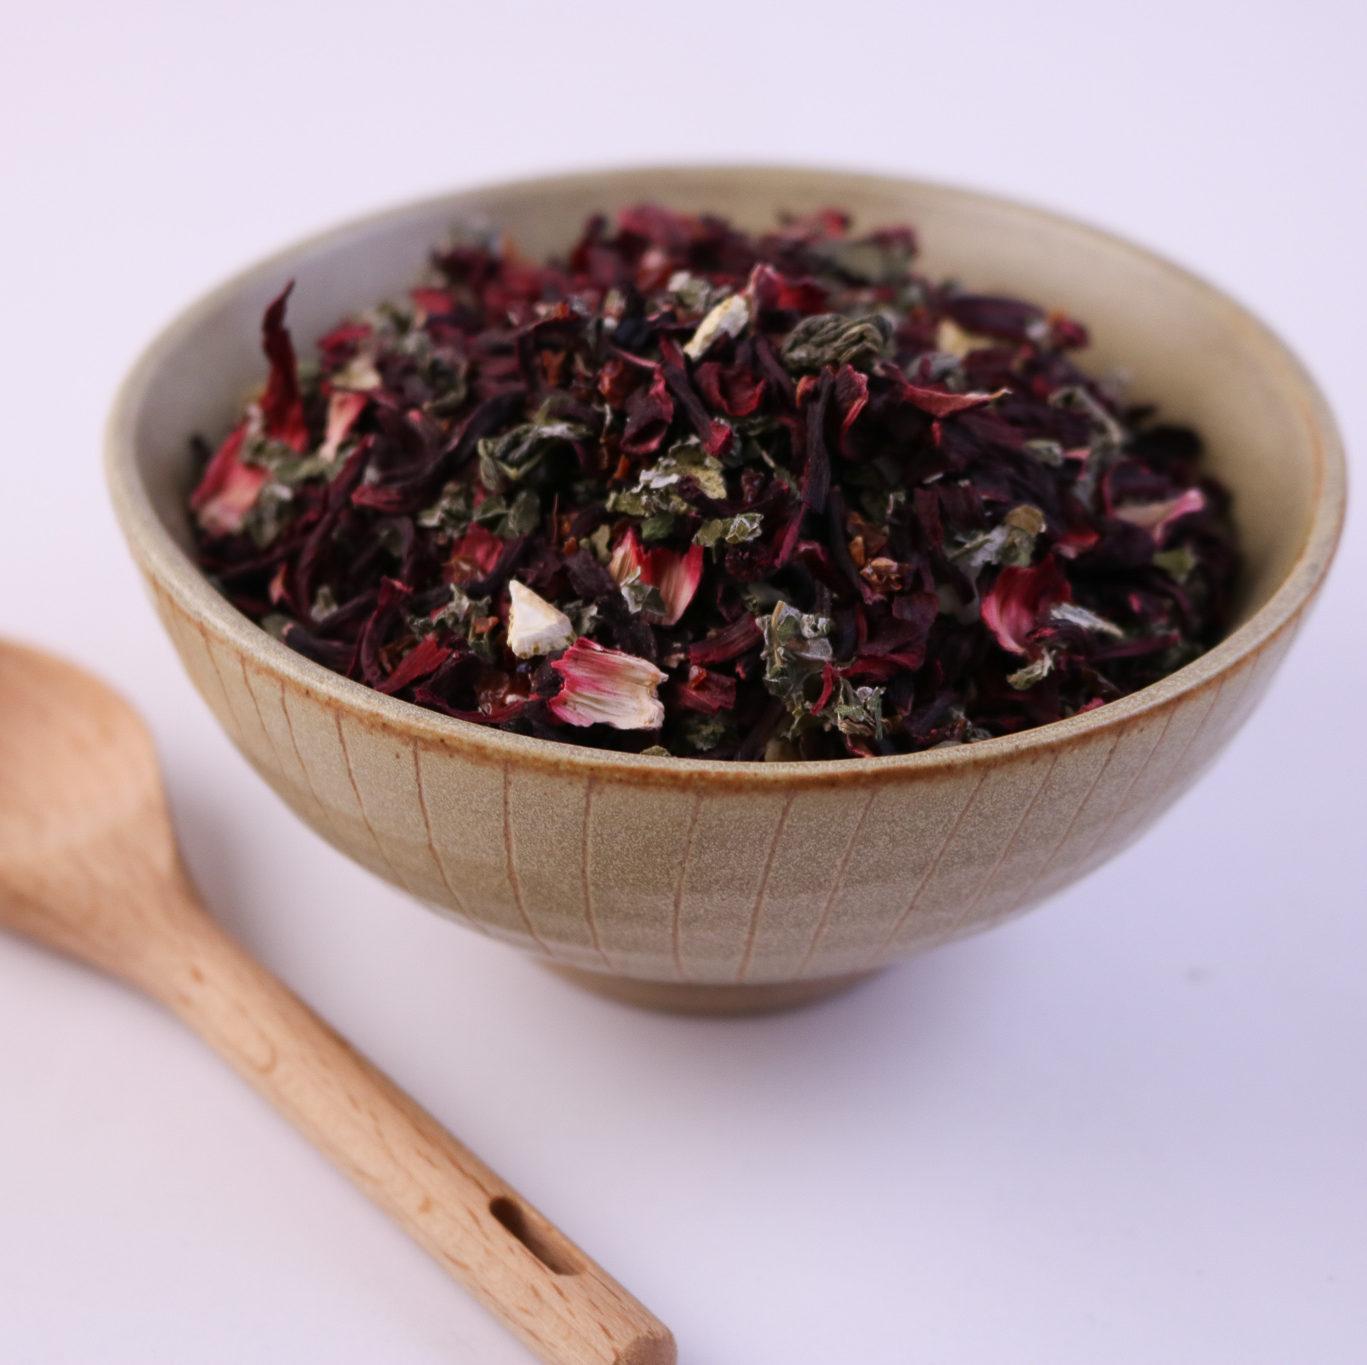 Hibiscus Delight Loose Leaf Tea Blend 12 Lb Lone Star Botanicals